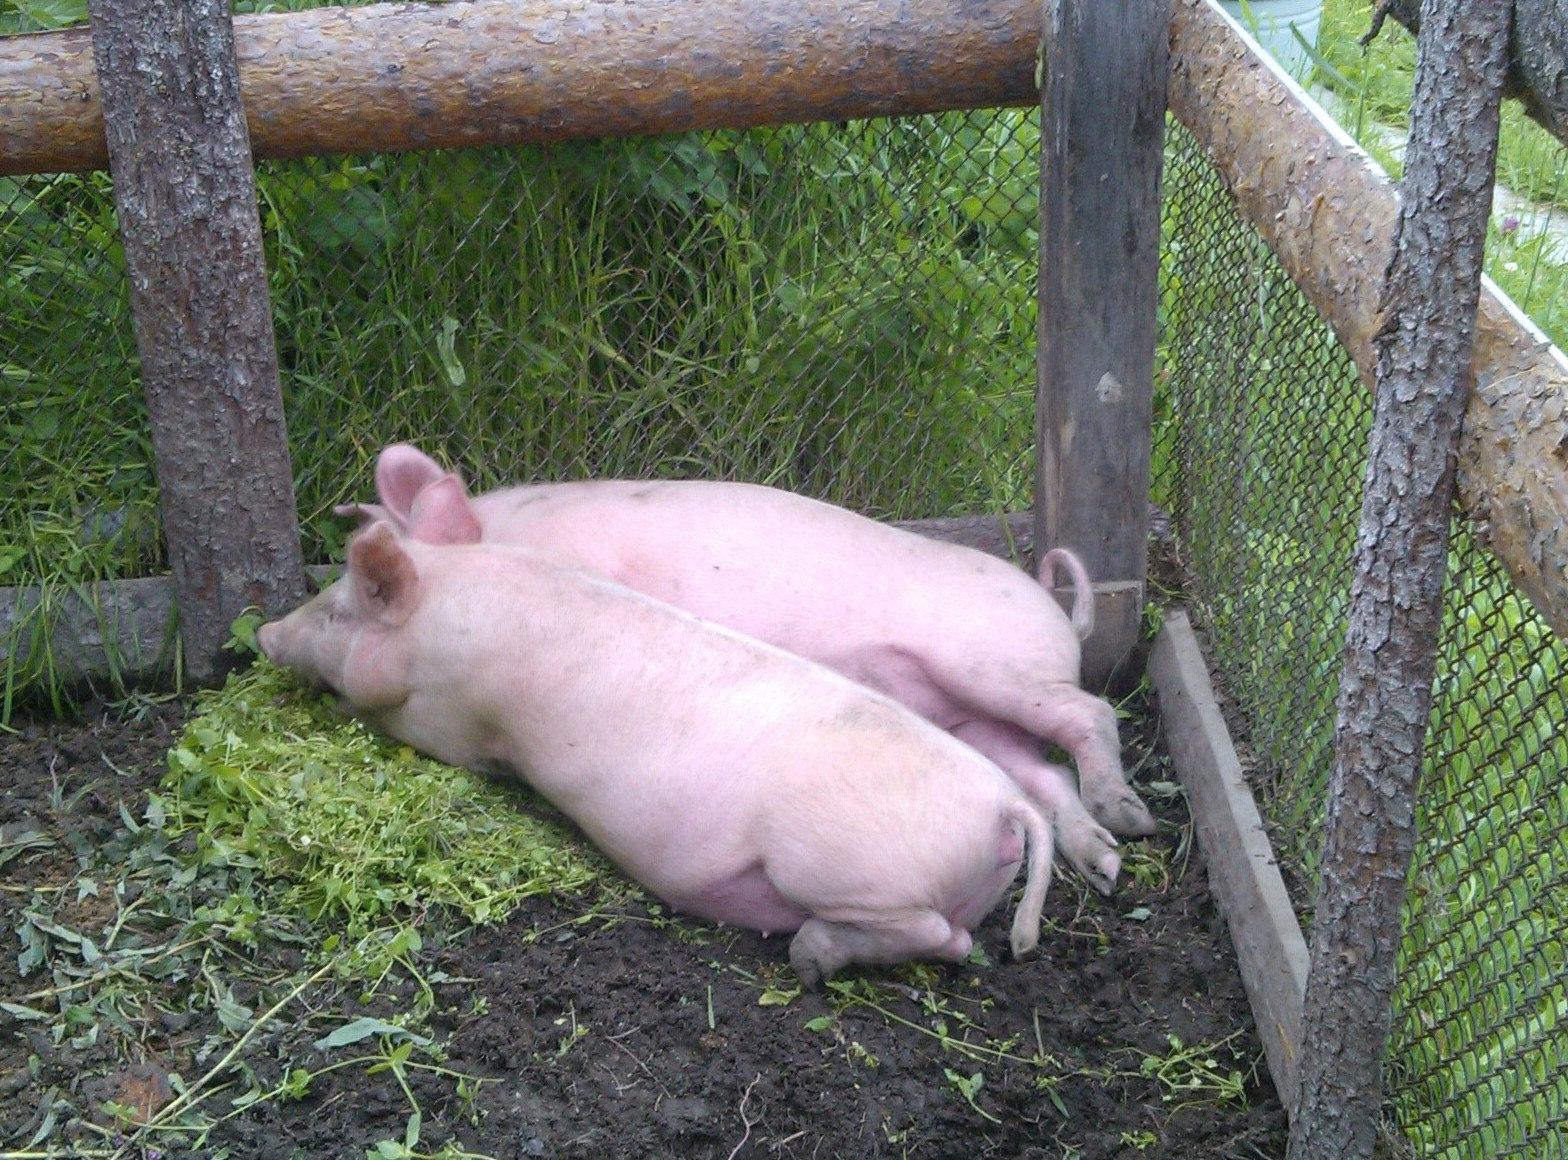 Ферма предпринимателя не станет прибыльной за год. Фото: Андрей Туоми